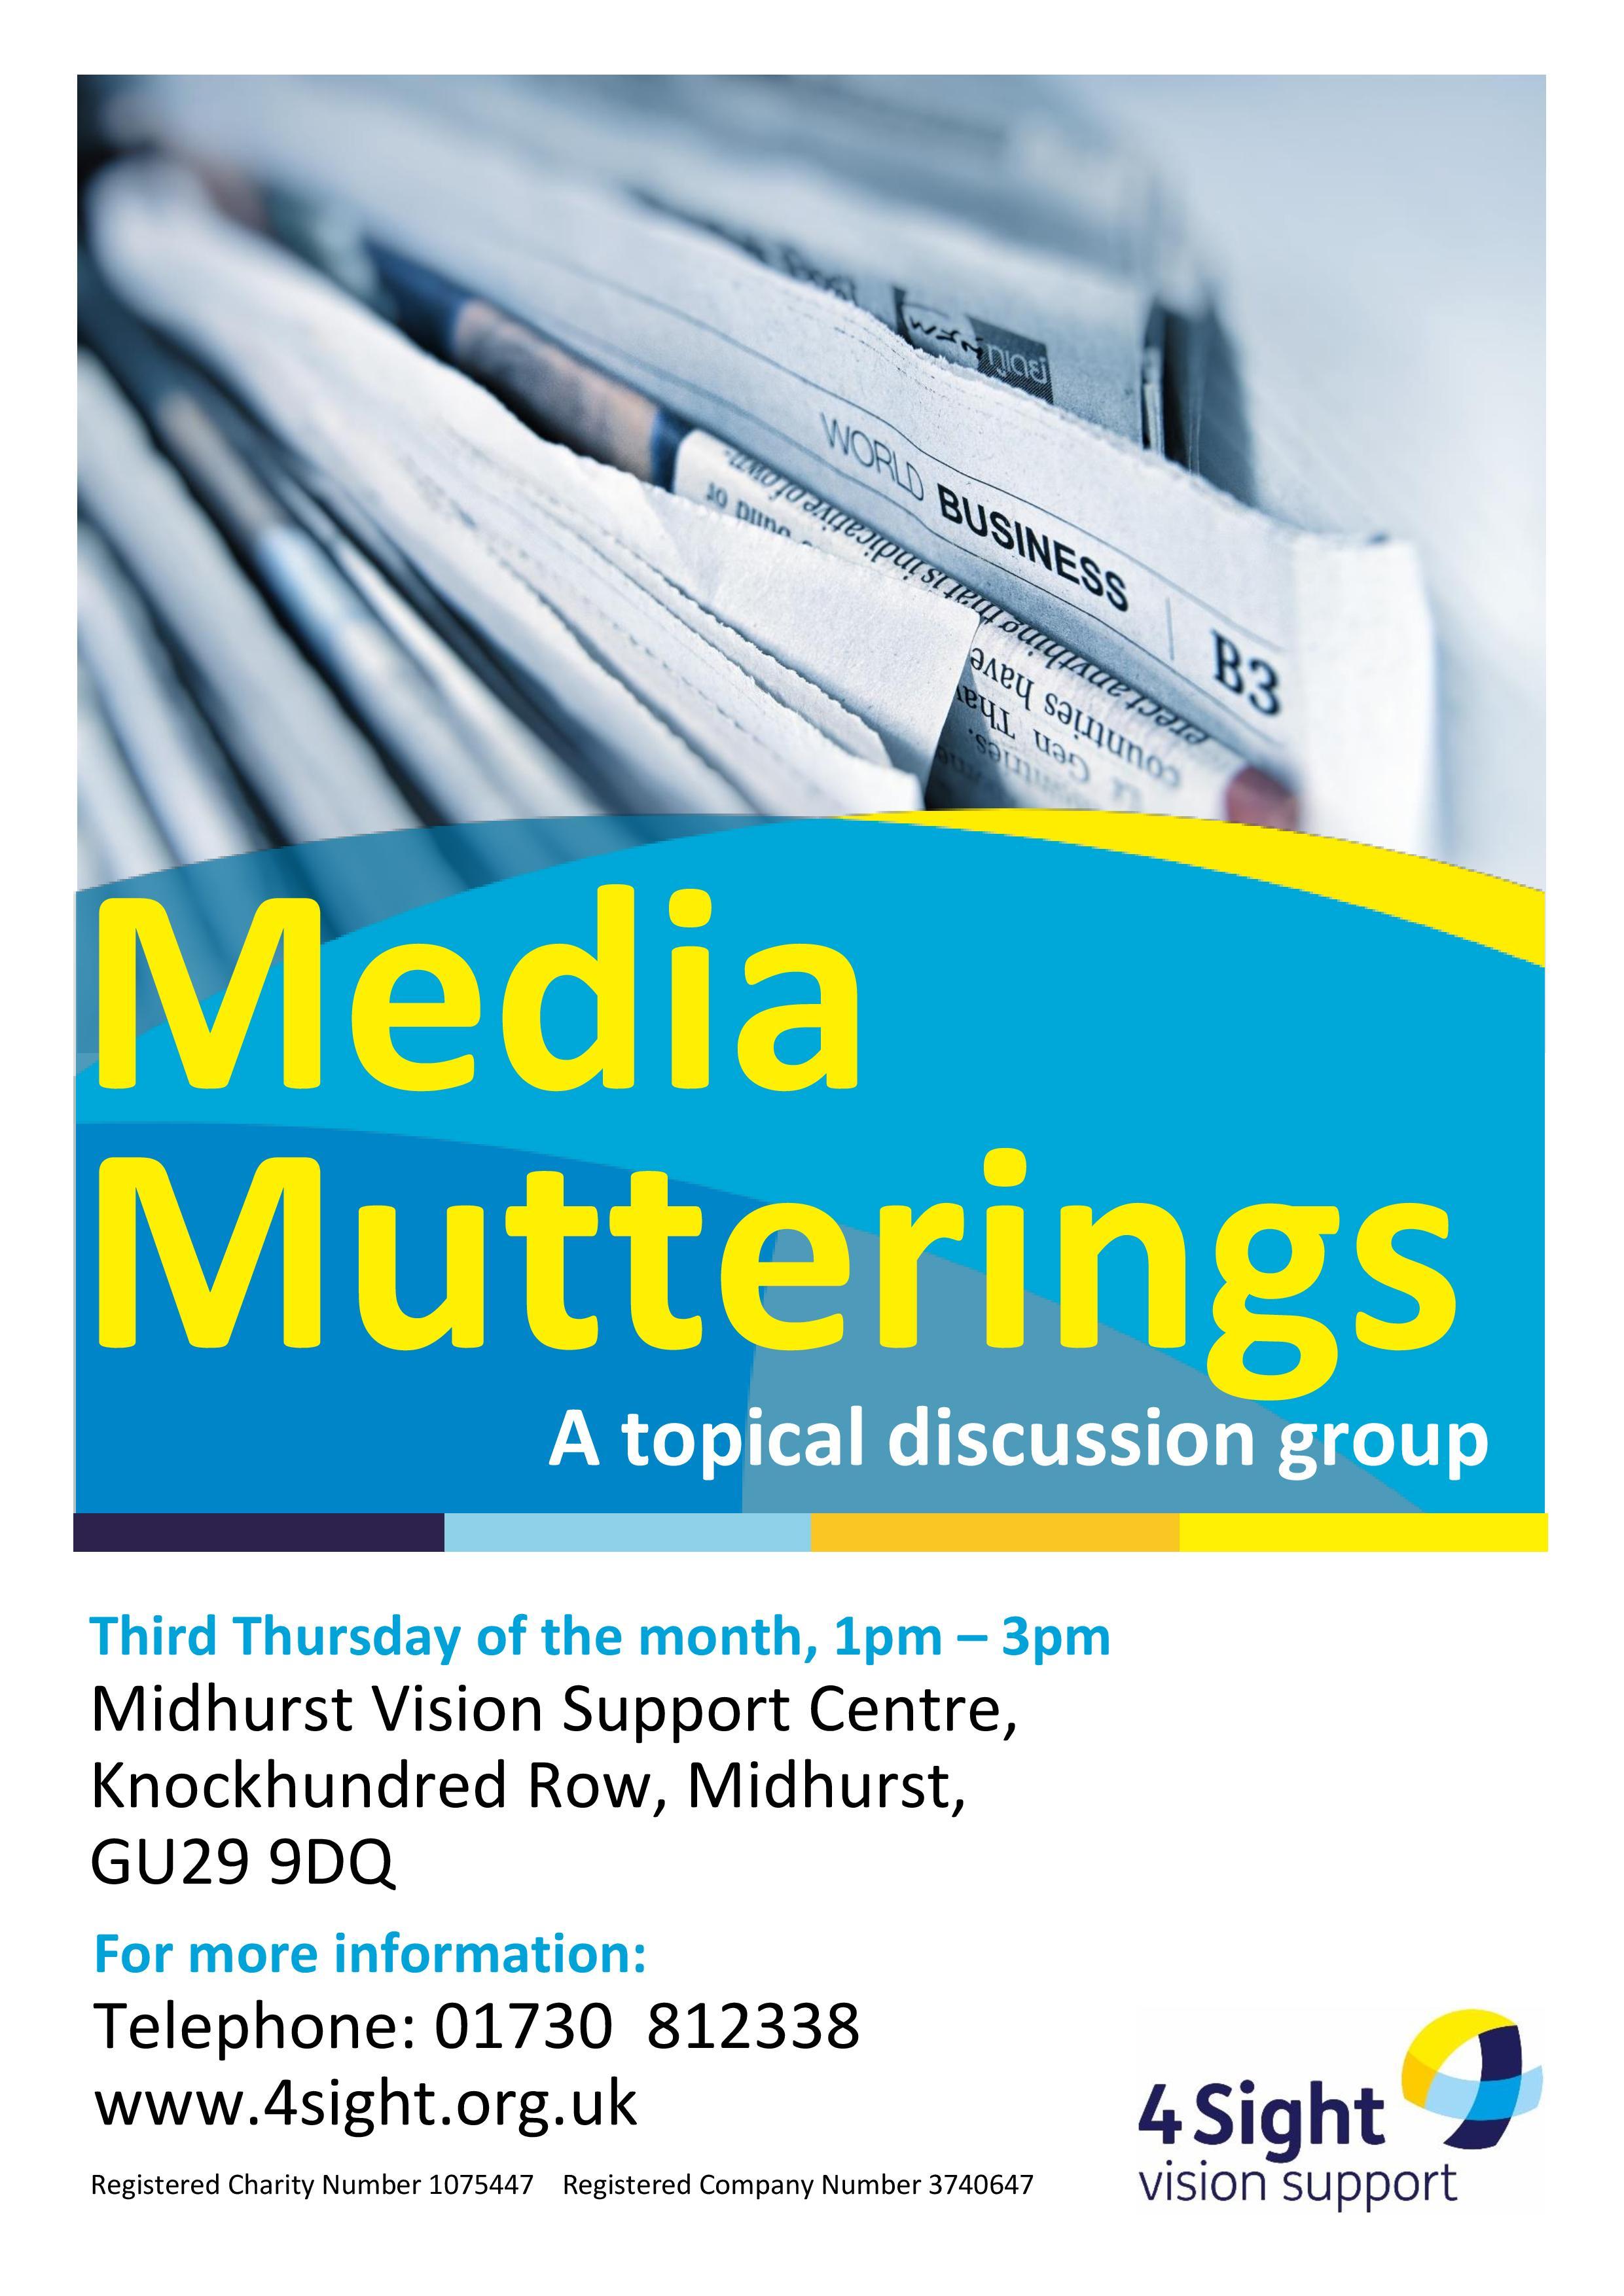 Media Mutterings